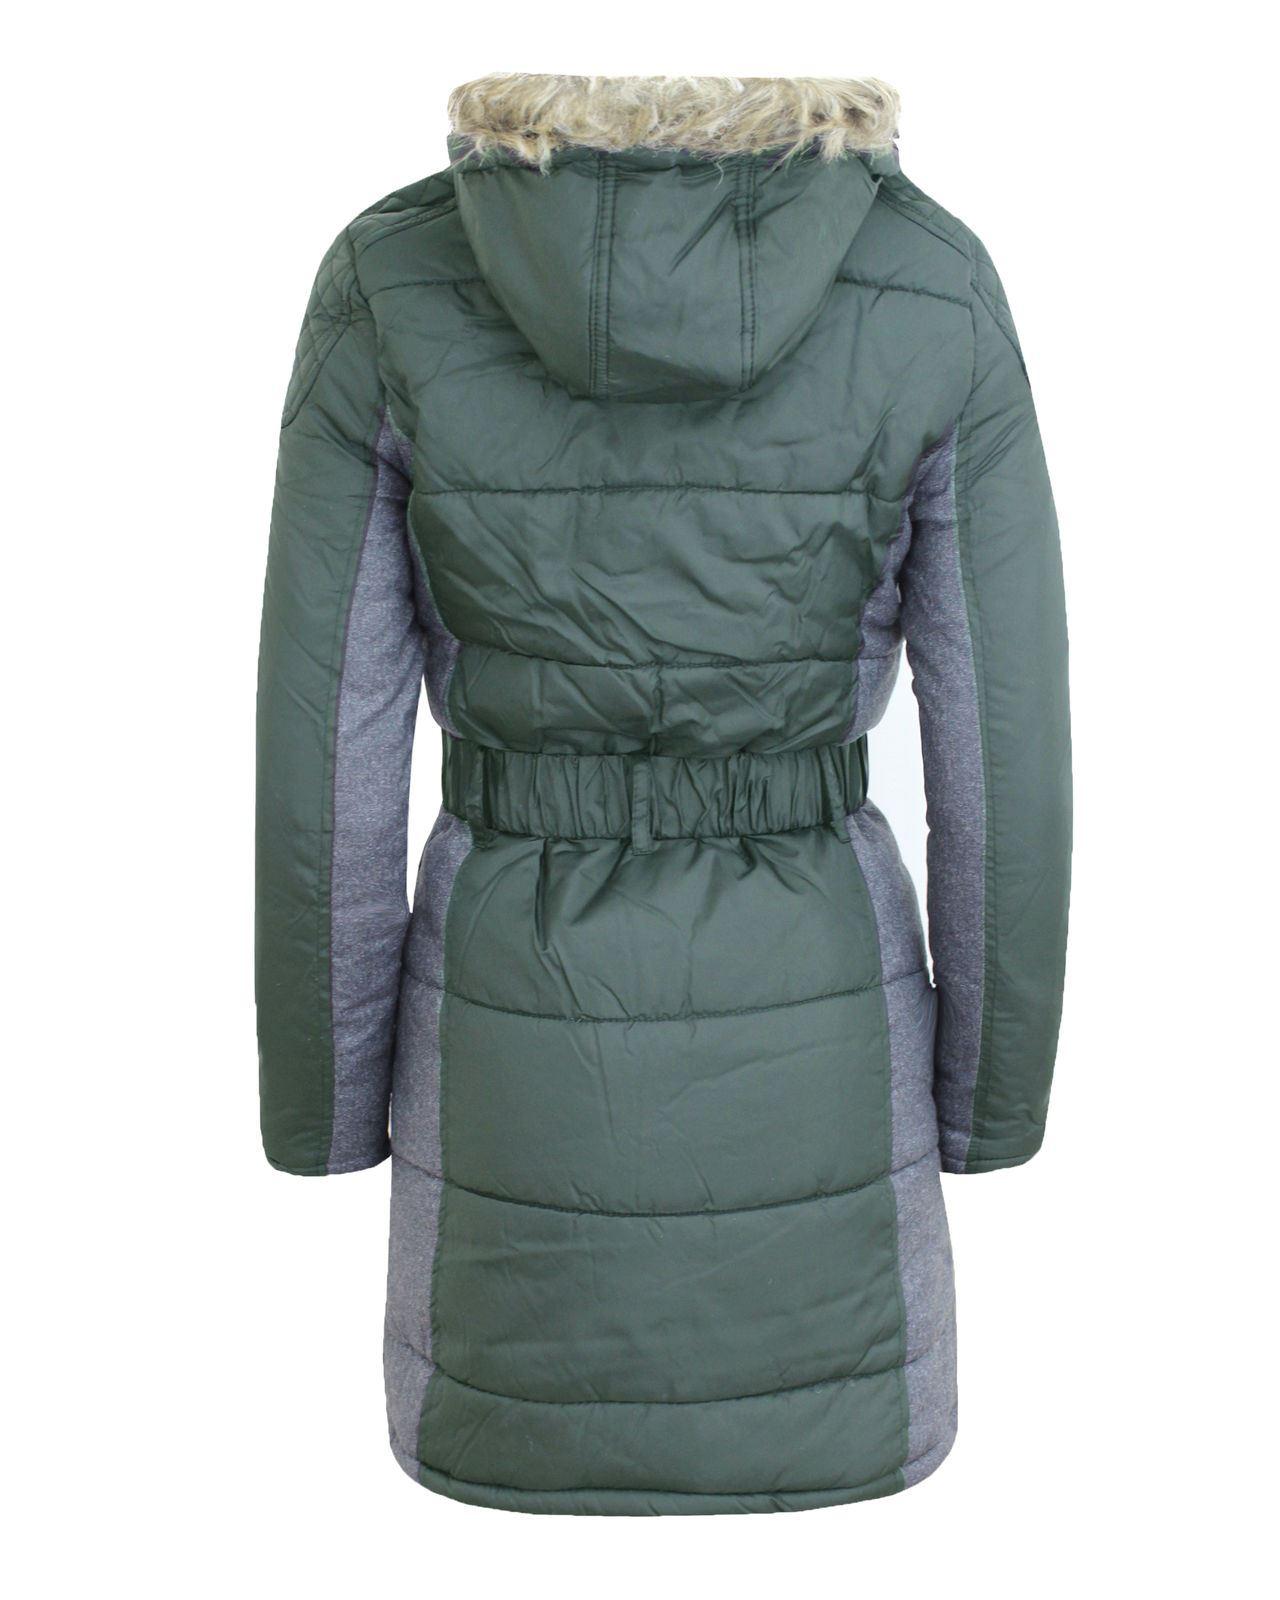 Puffa jackets for women